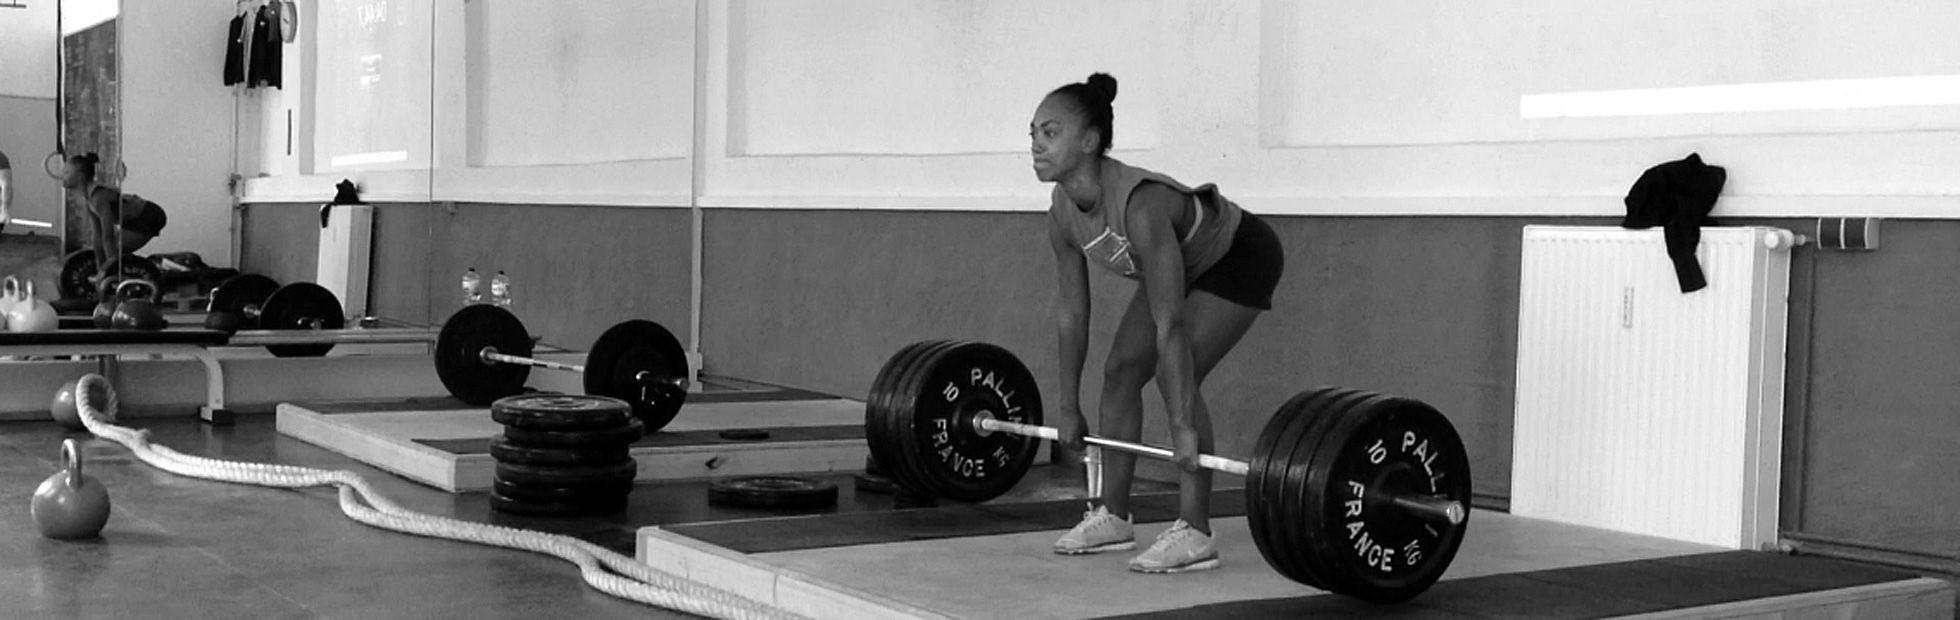 Steigere deine Athletik auf ein neues Niveau